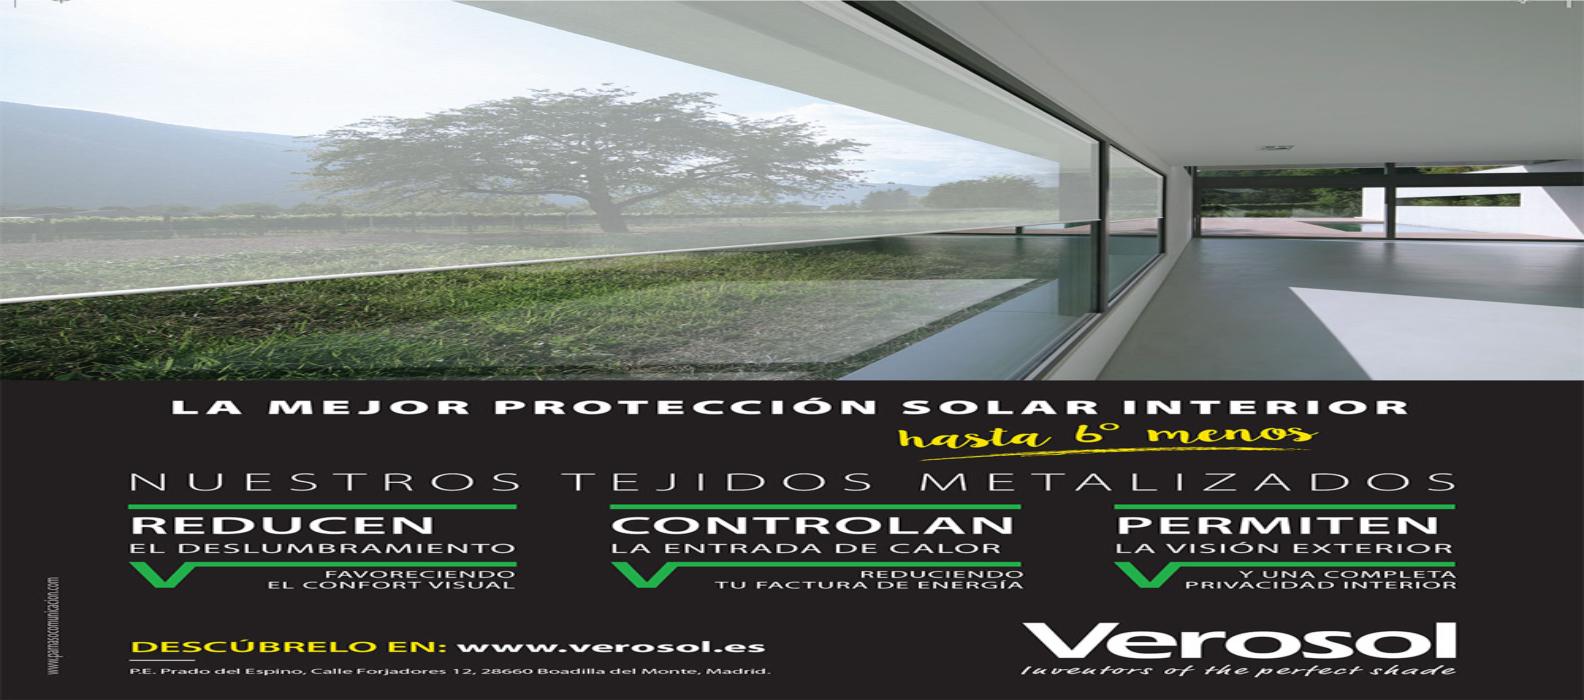 Publicidad Verosol Proteccion solar interior